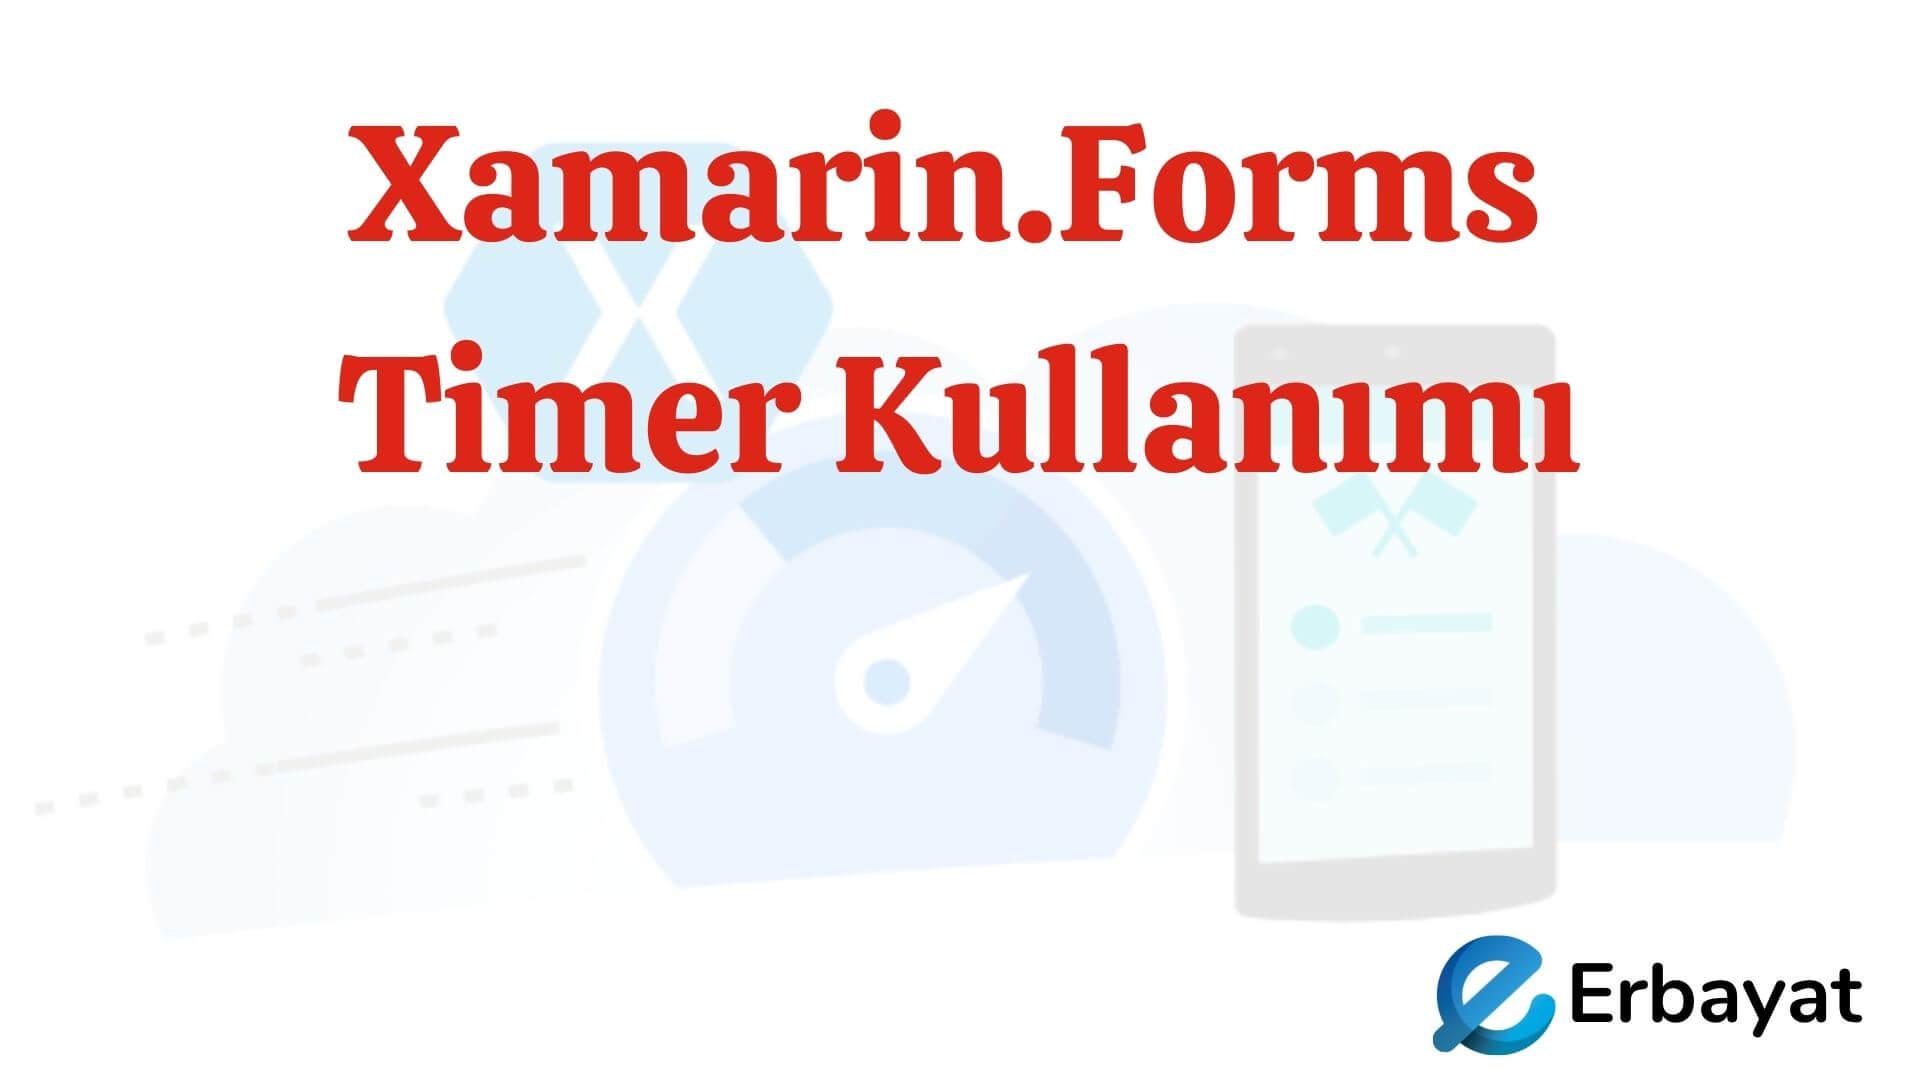 Xamarin.Forms Timer Kullanımı